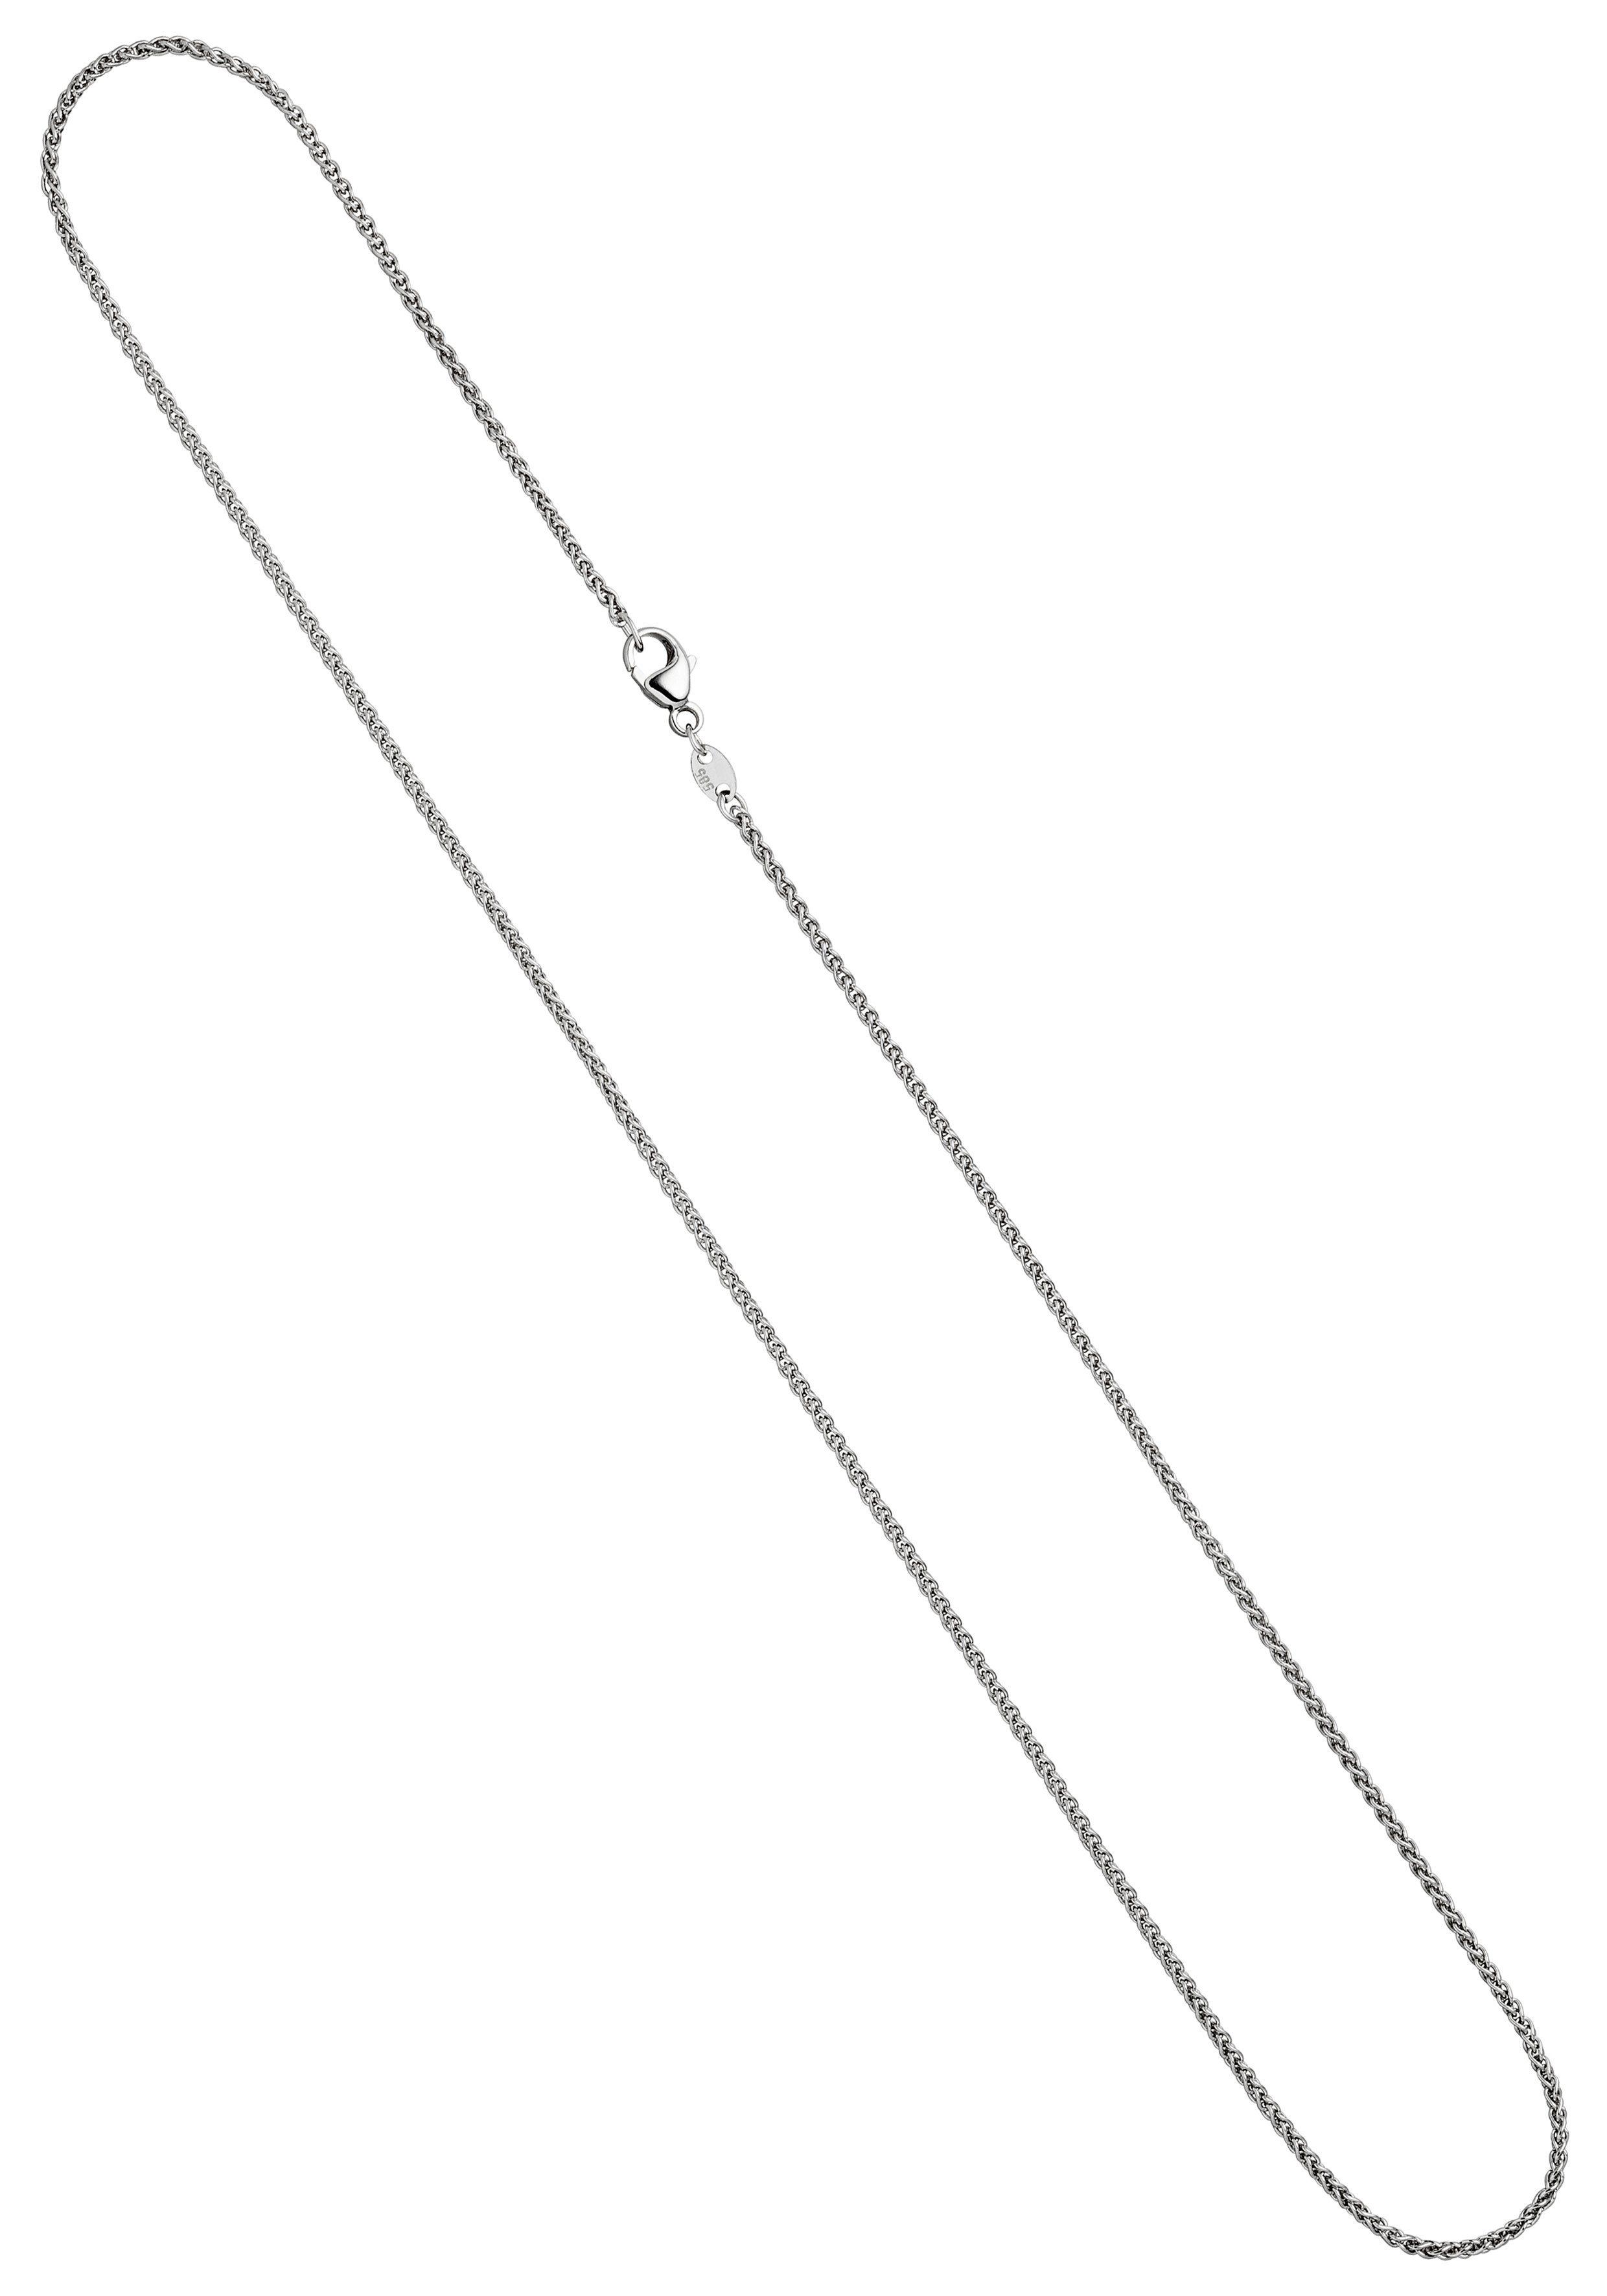 JOBO Goldkette Zopfkette 585 Weißgold 1,8 mm 45 cm